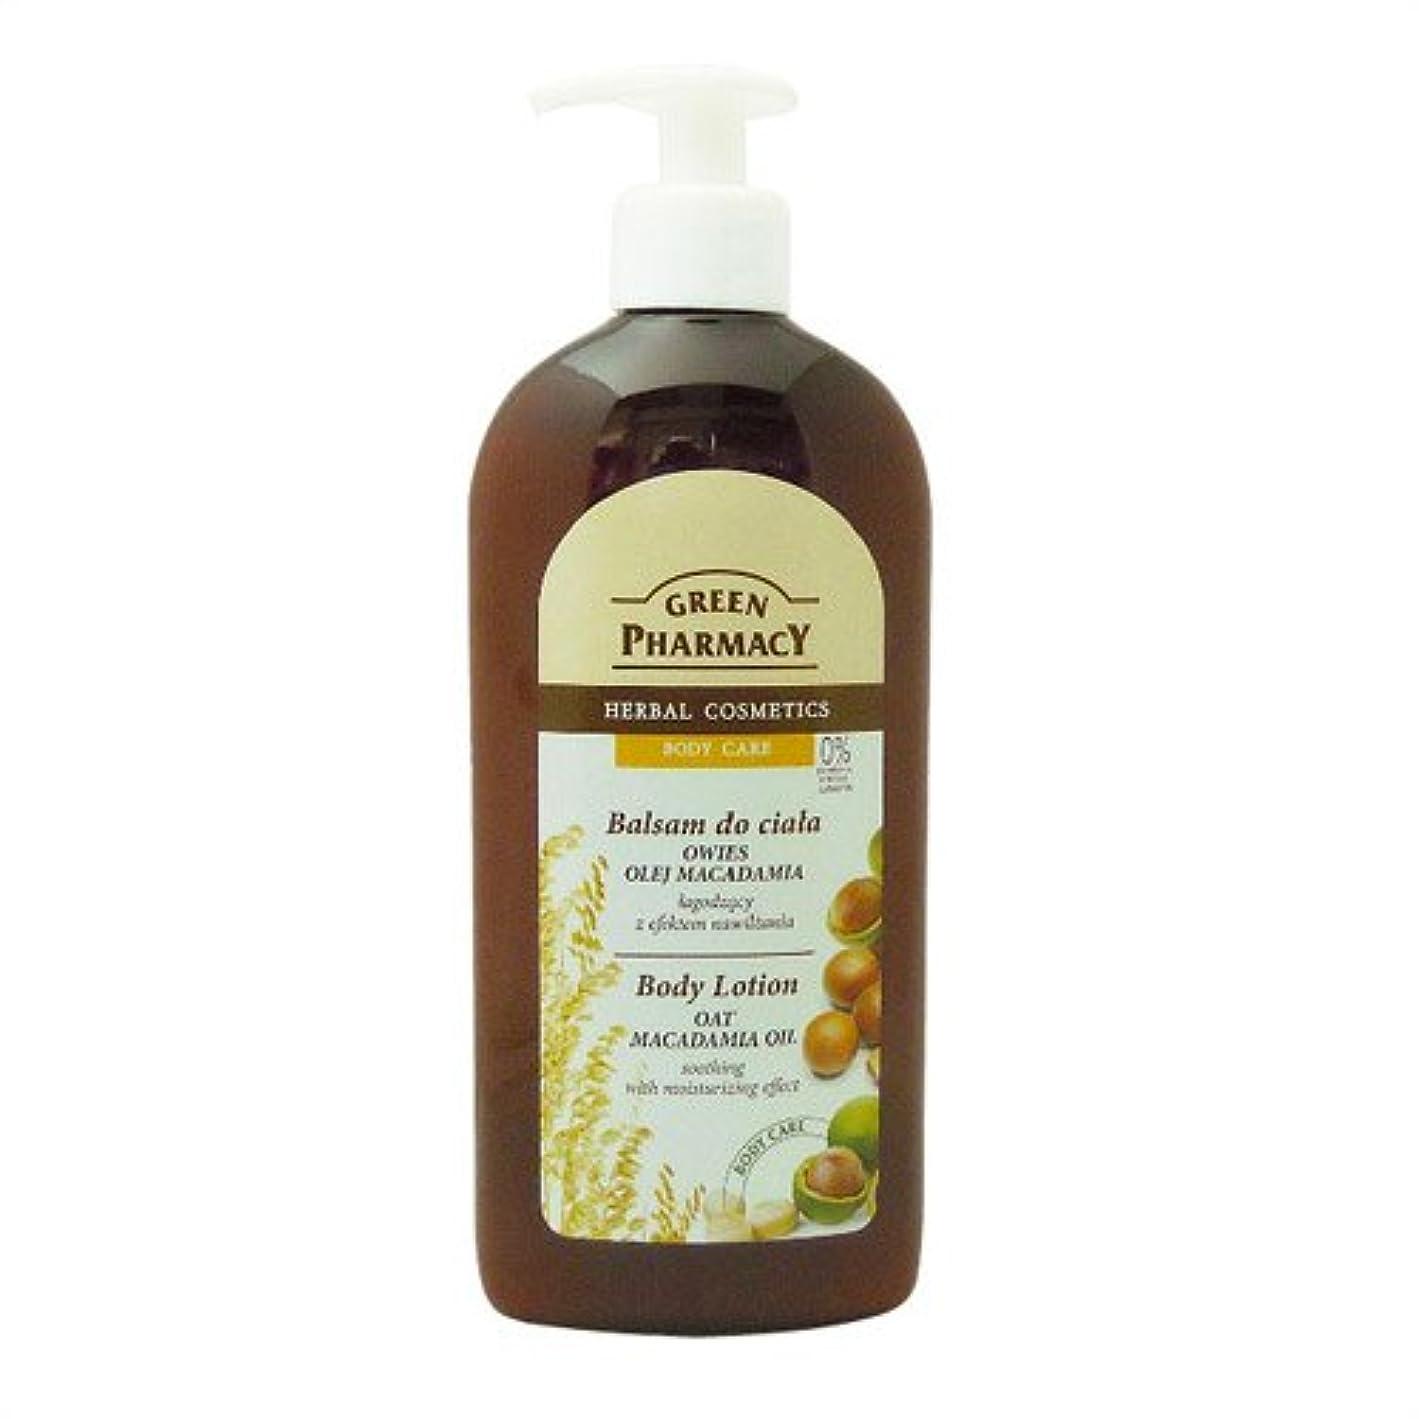 相談一杯素晴らしいですElfa Pharm Green Pharmacy グリーンファーマシー Body Lotion ボディローション Oat Macadamia Oil